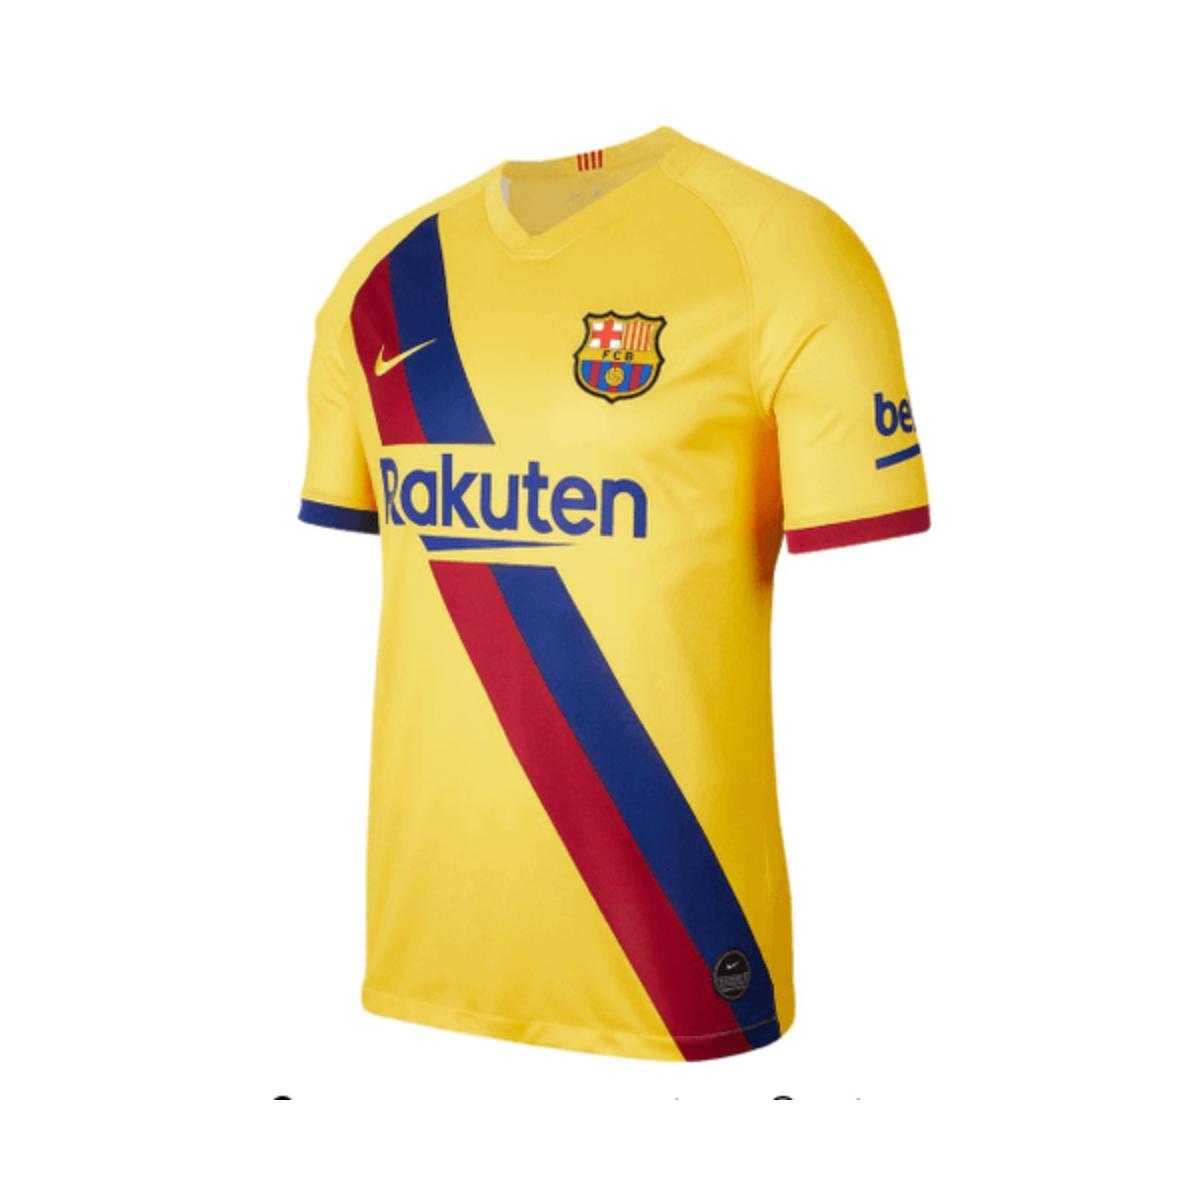 Camiseta Masculina Nike Aj5531-728 Brea fc Barcelona Sta aw Amarelo/vermelho/marinho